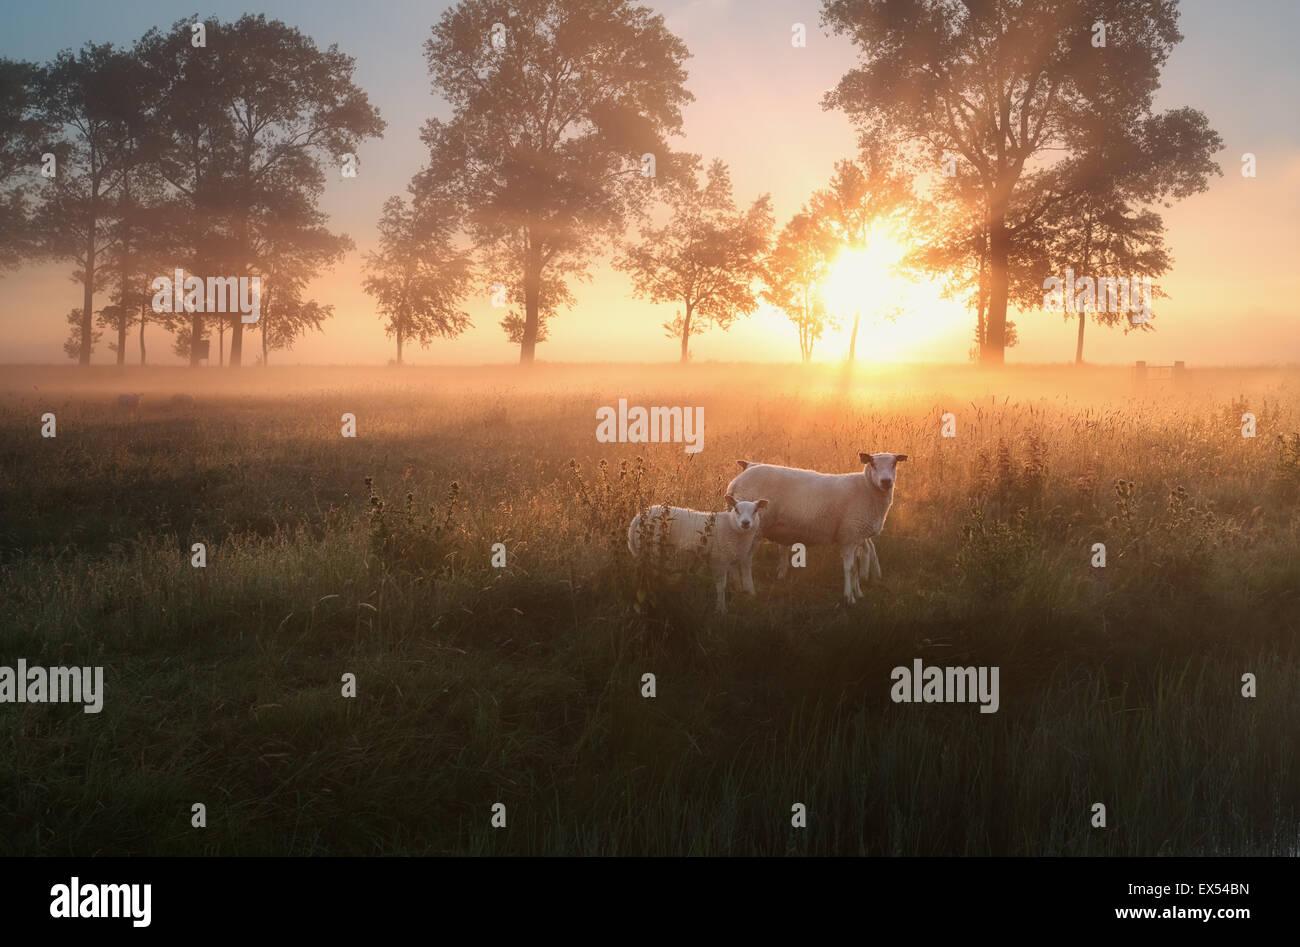 Schafe auf nebligen Weide am Sommer Sonnenaufgang Stockbild